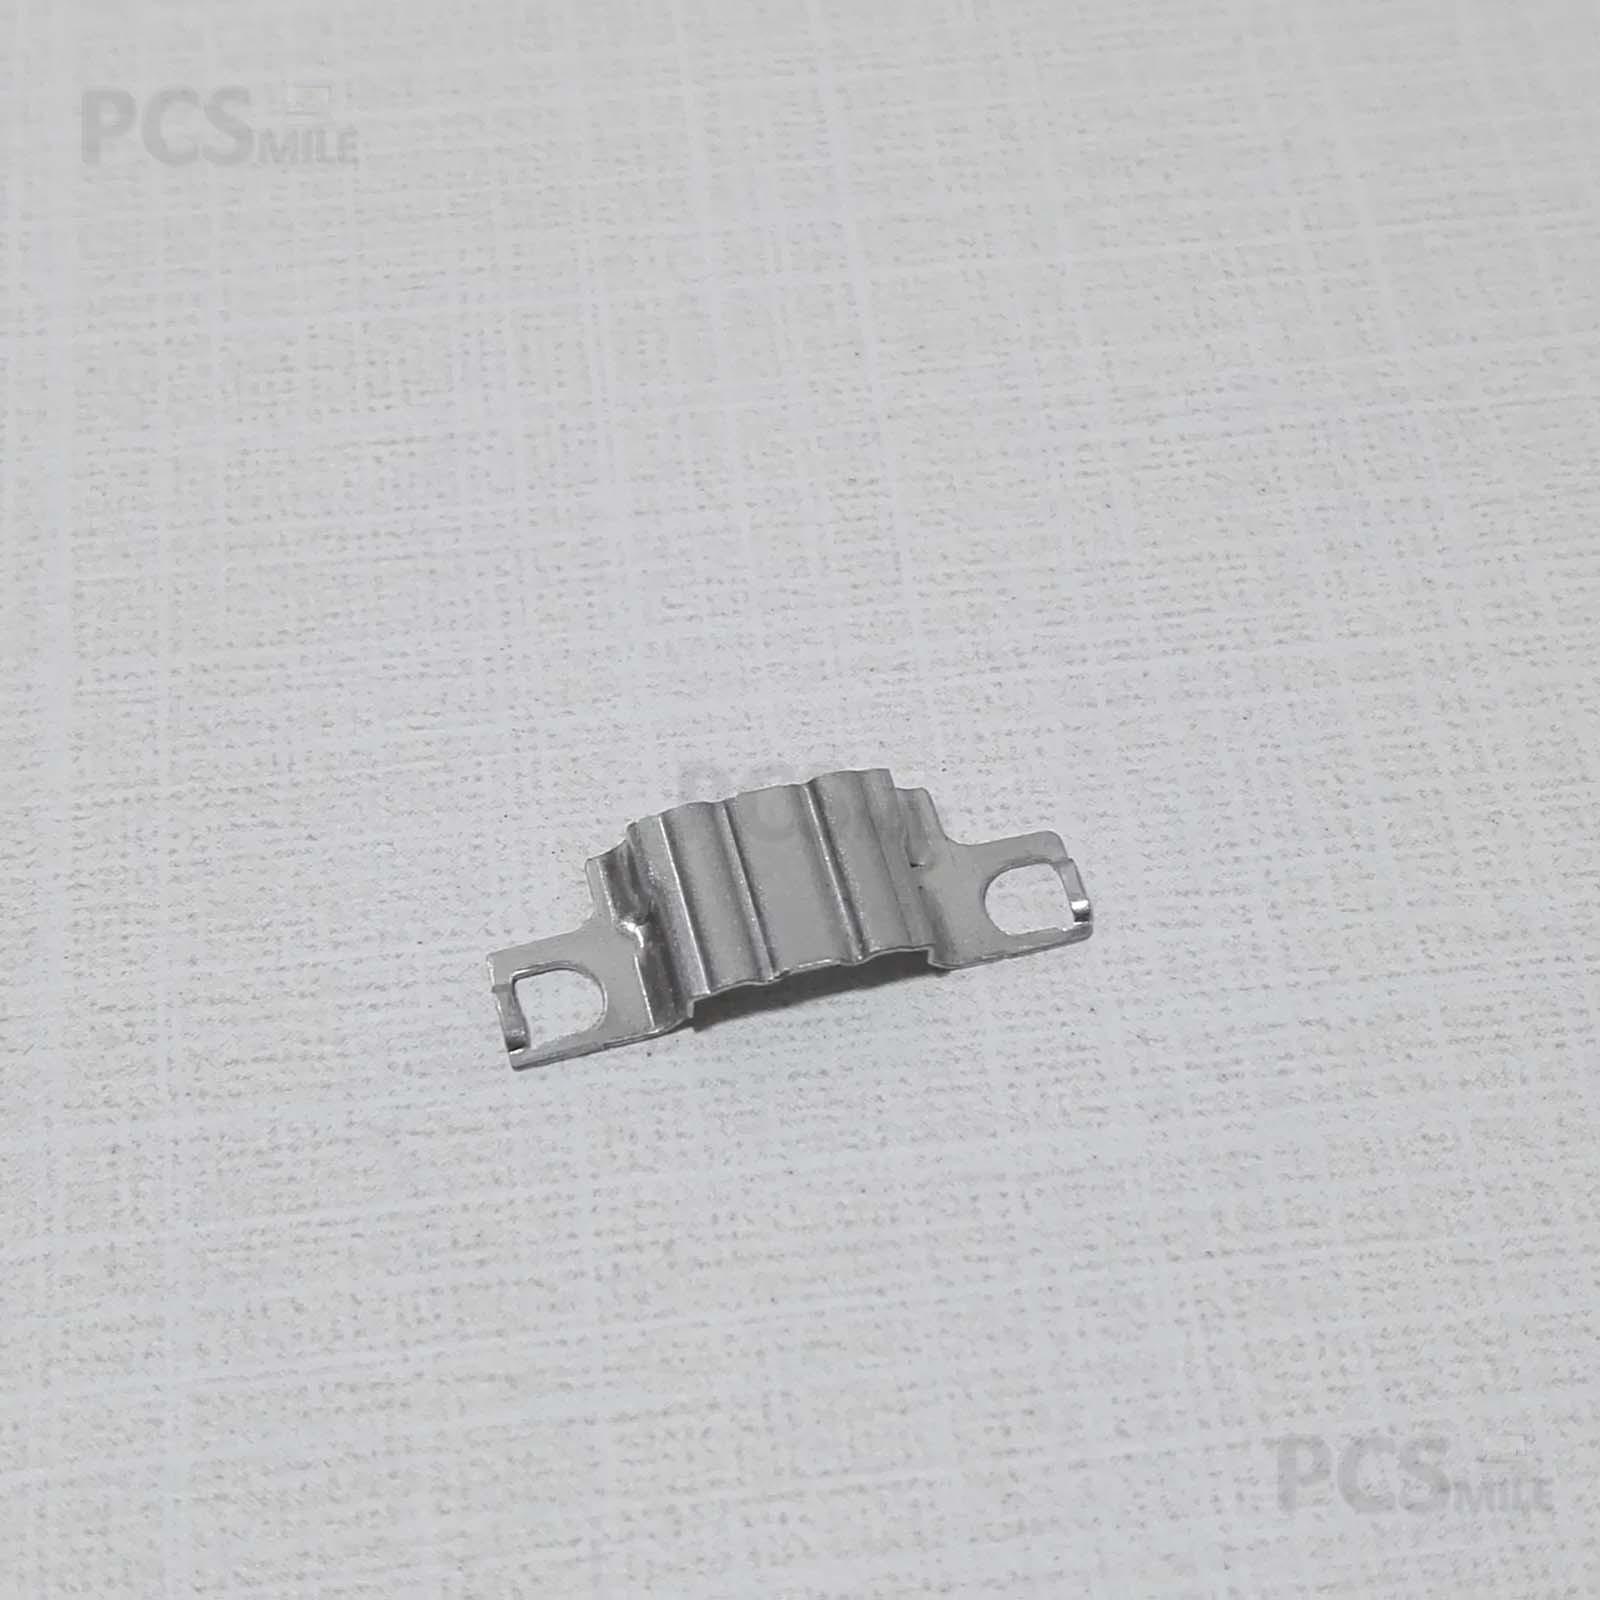 Supporto metallo Connettore di ricarica USB Samsung Galaxy S4 GT-I9505